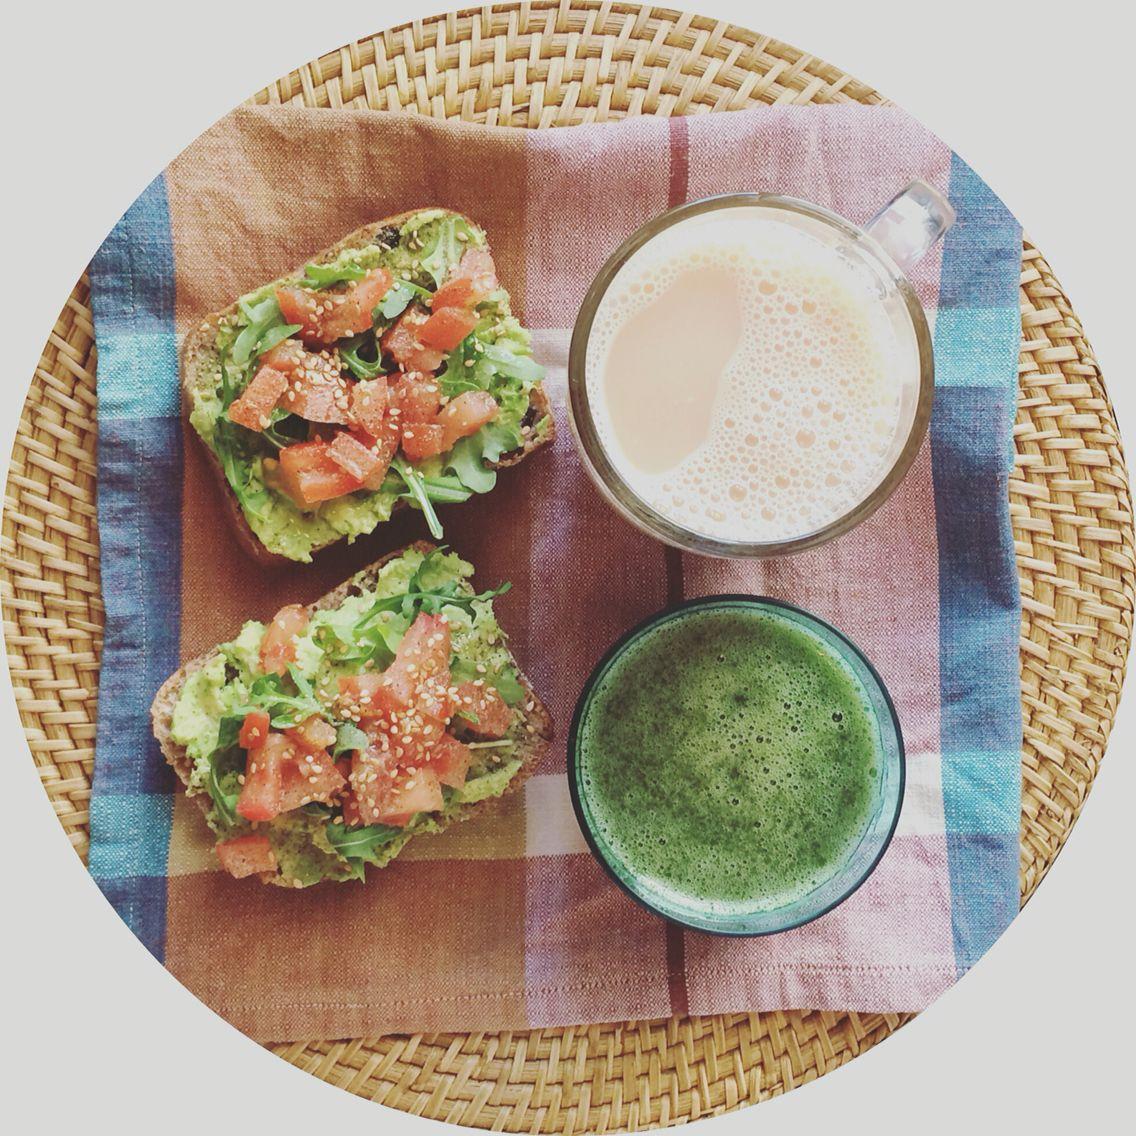 Té con canela y leche de avena, #greensmoothie y tostadas de pan de olivas negras con paté de aguacate, tomate y rúcula... Verde que te quiero verde  buenos días! #losdesayunosdeaurora